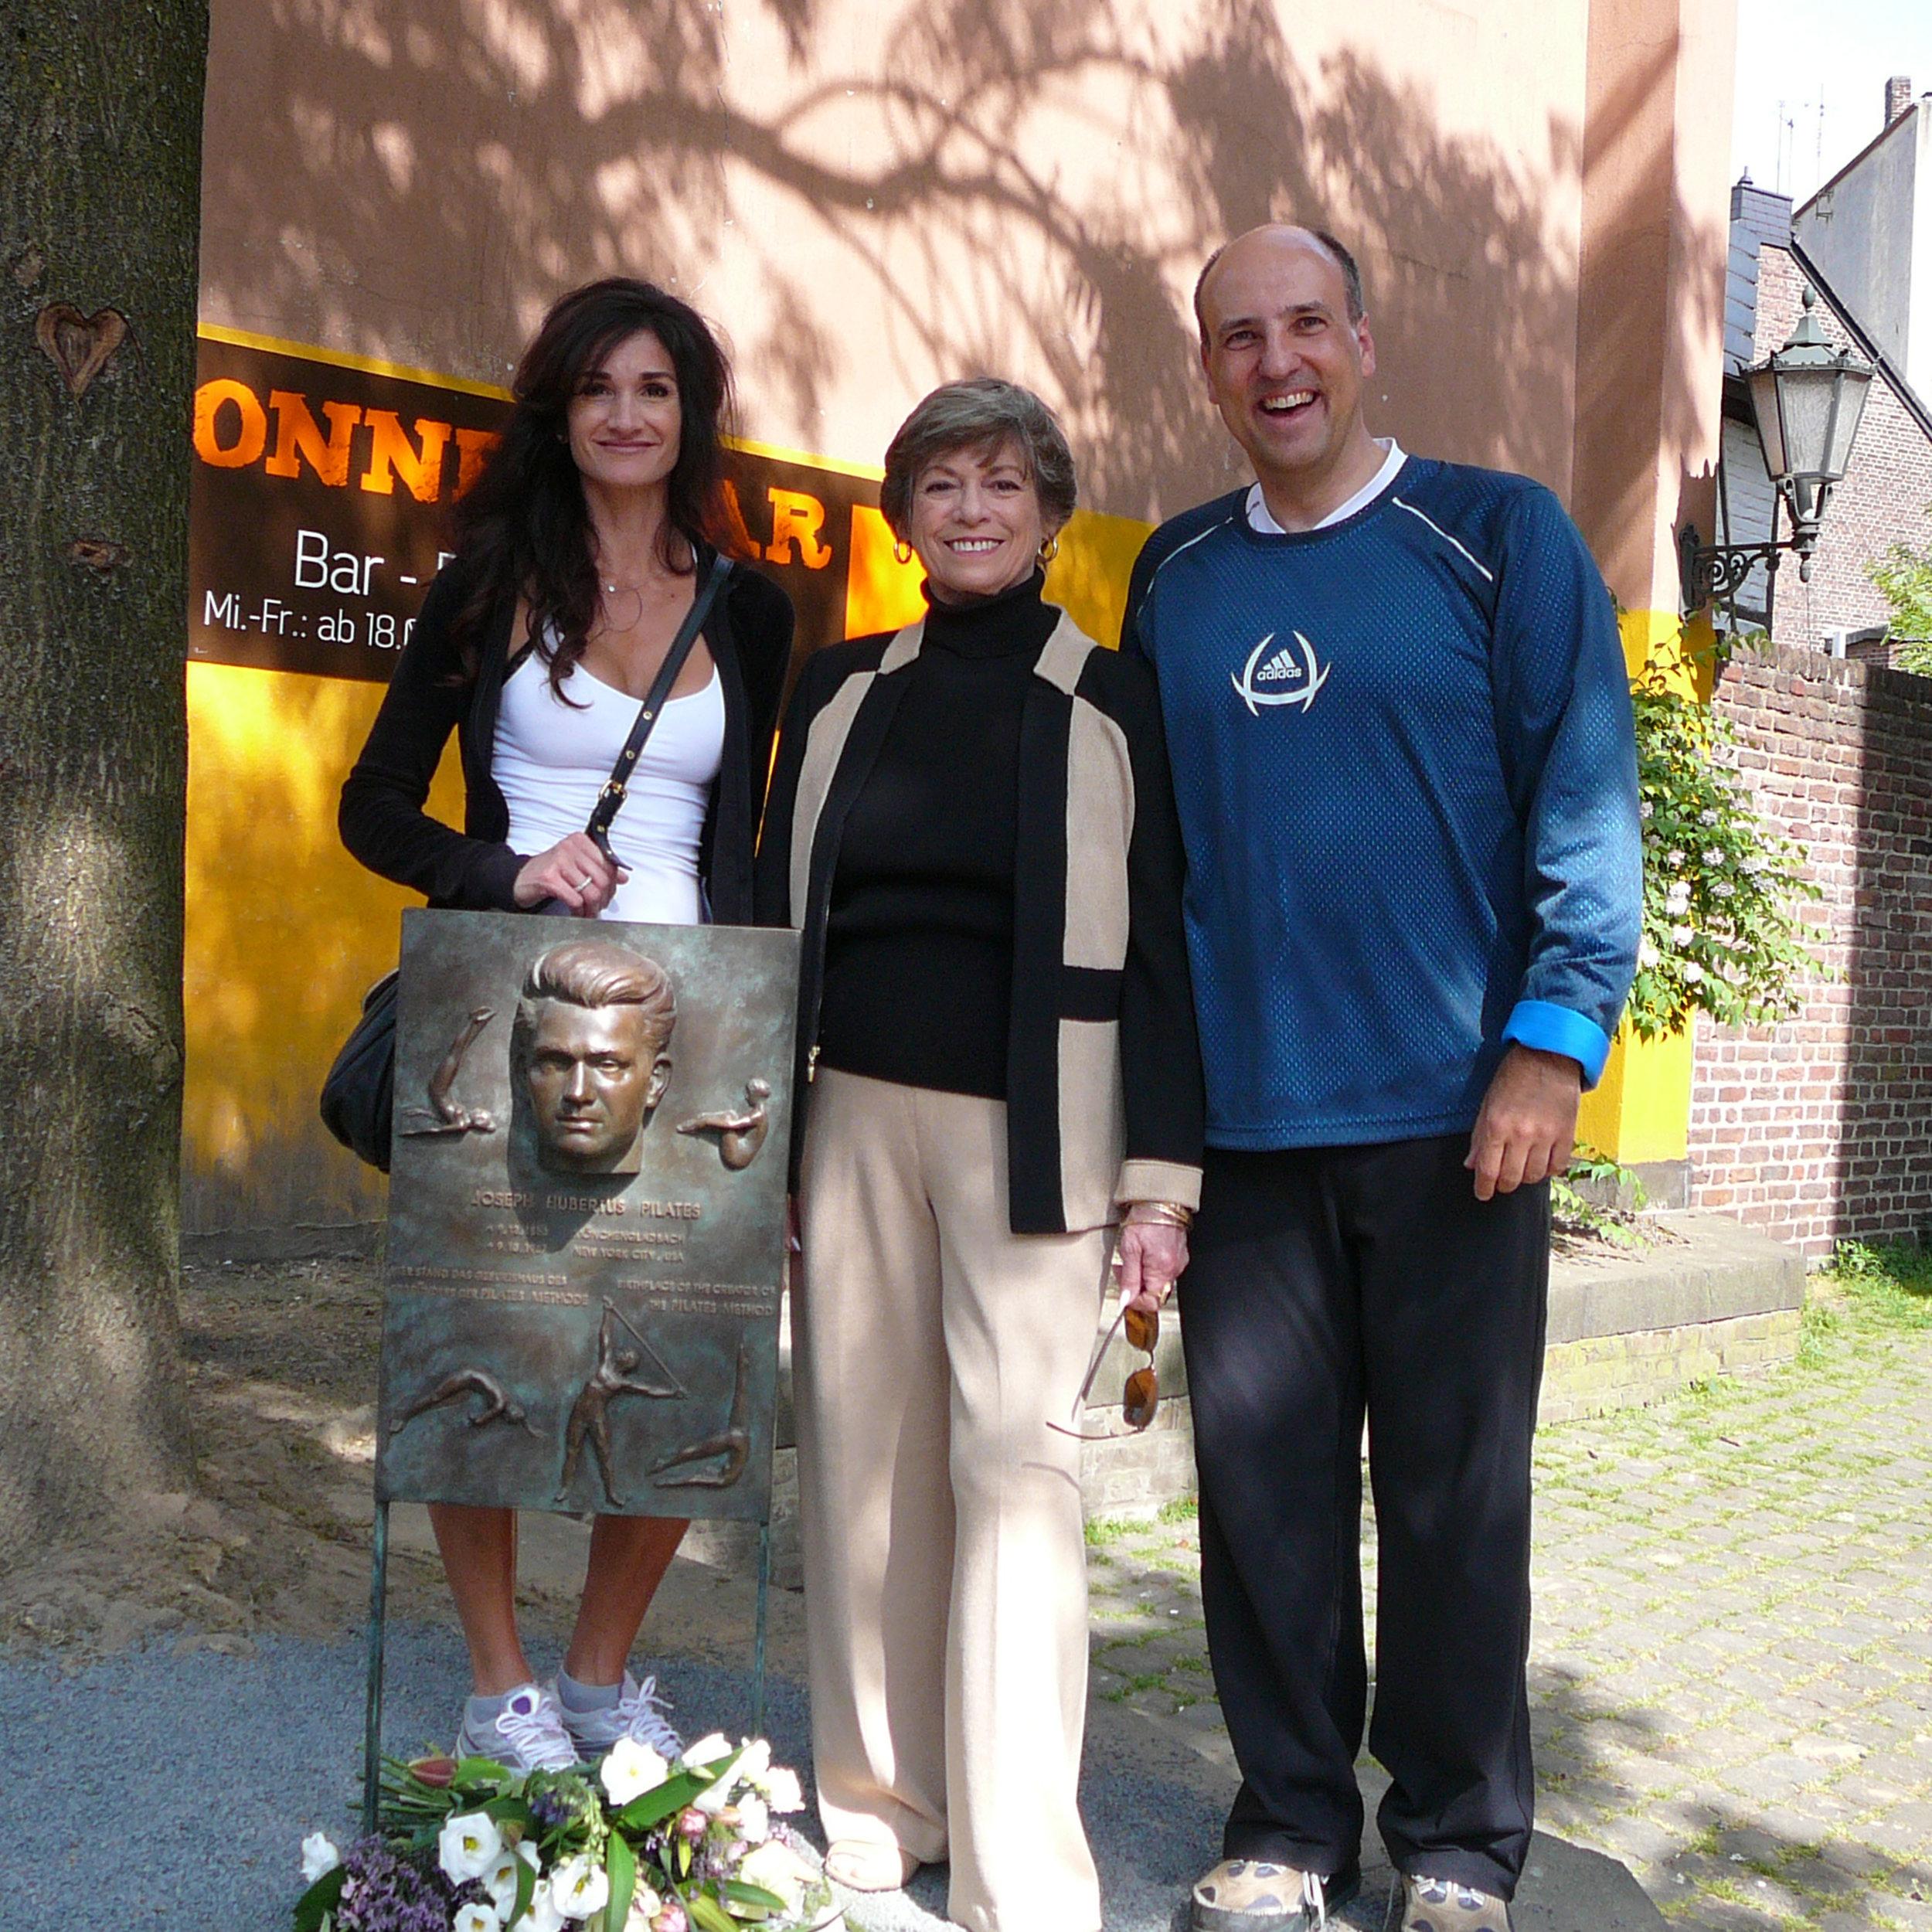 Vor dem Geburtshaus von Joseph Pilates in Mönchengladhab. Von links Lisa Hubbard, First Generation Teacher Lolita San Miguel, Reiner Grootenhuis